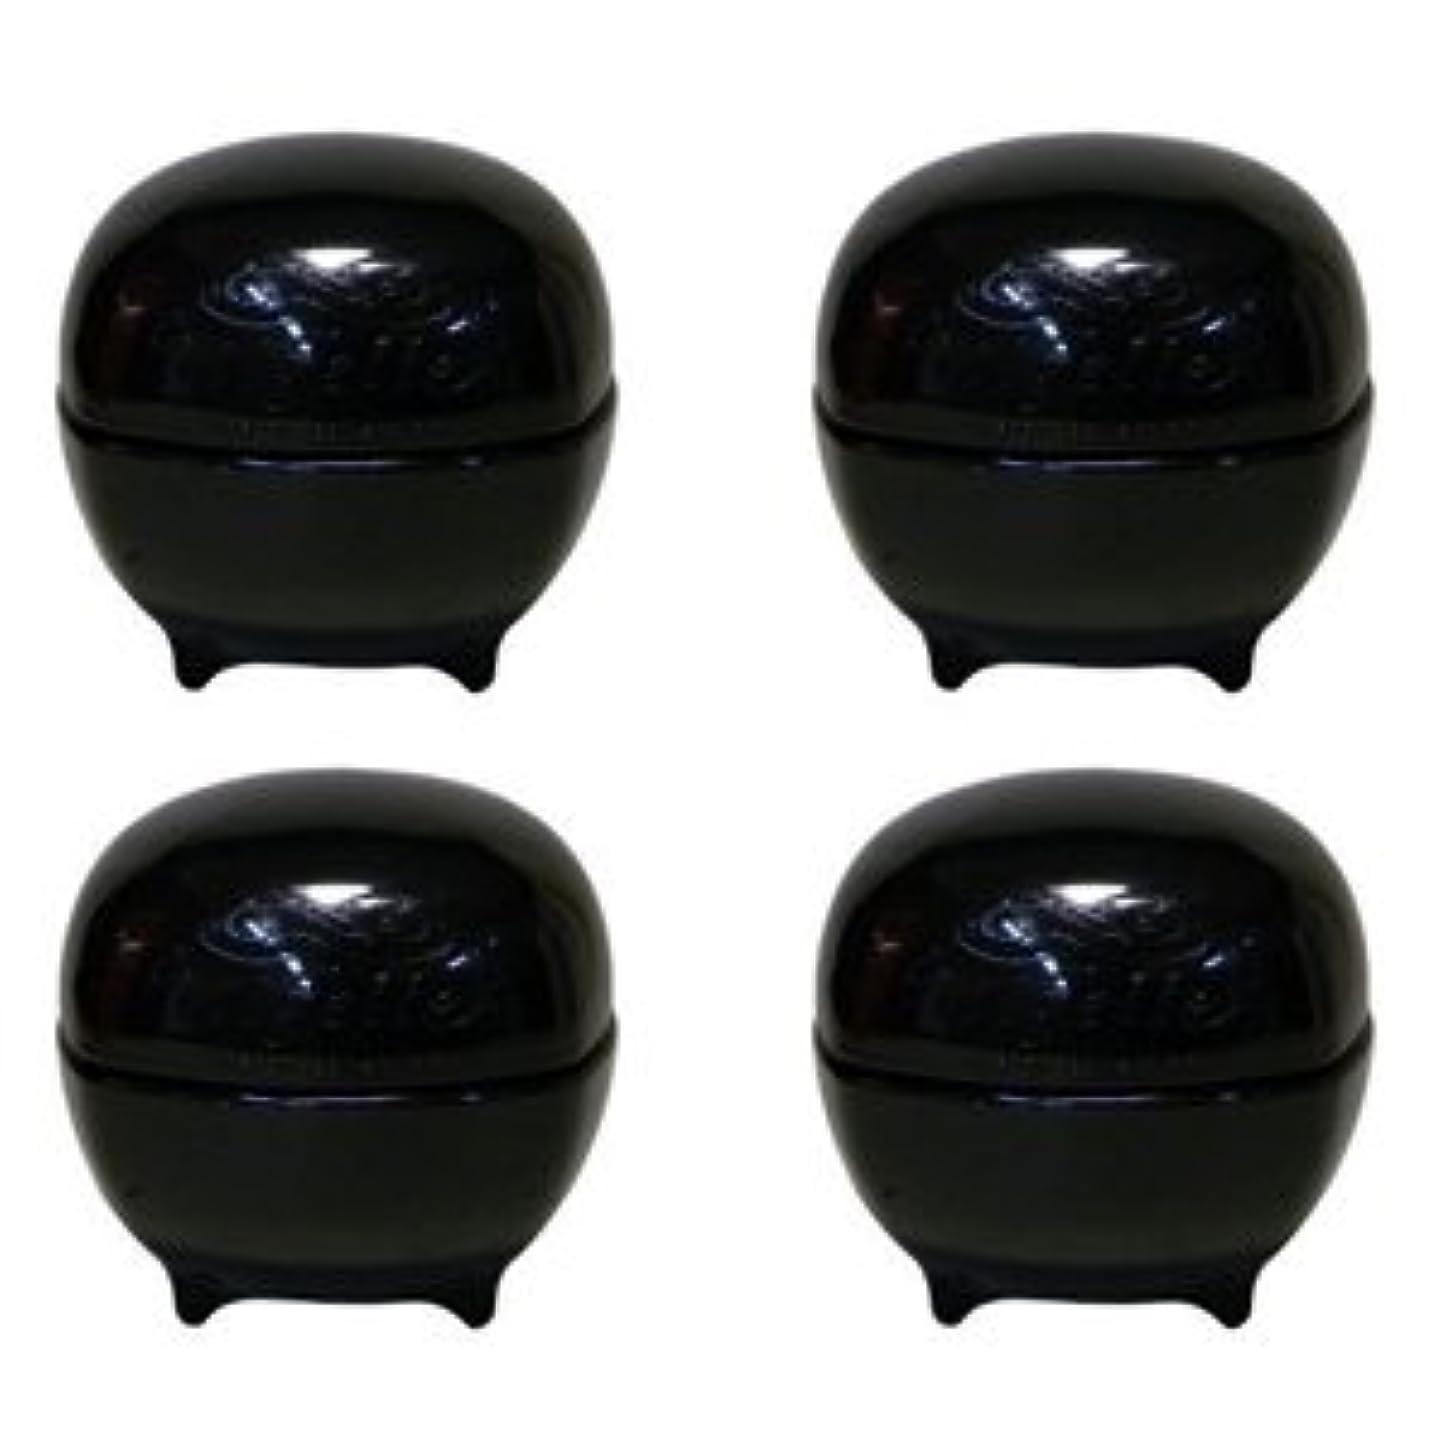 チーム労働保証金【X4個セット】 ミルボン ニゼル グラスプワックス 80g (ニゼルドレシアコレクション) GRASP WAX MILBON